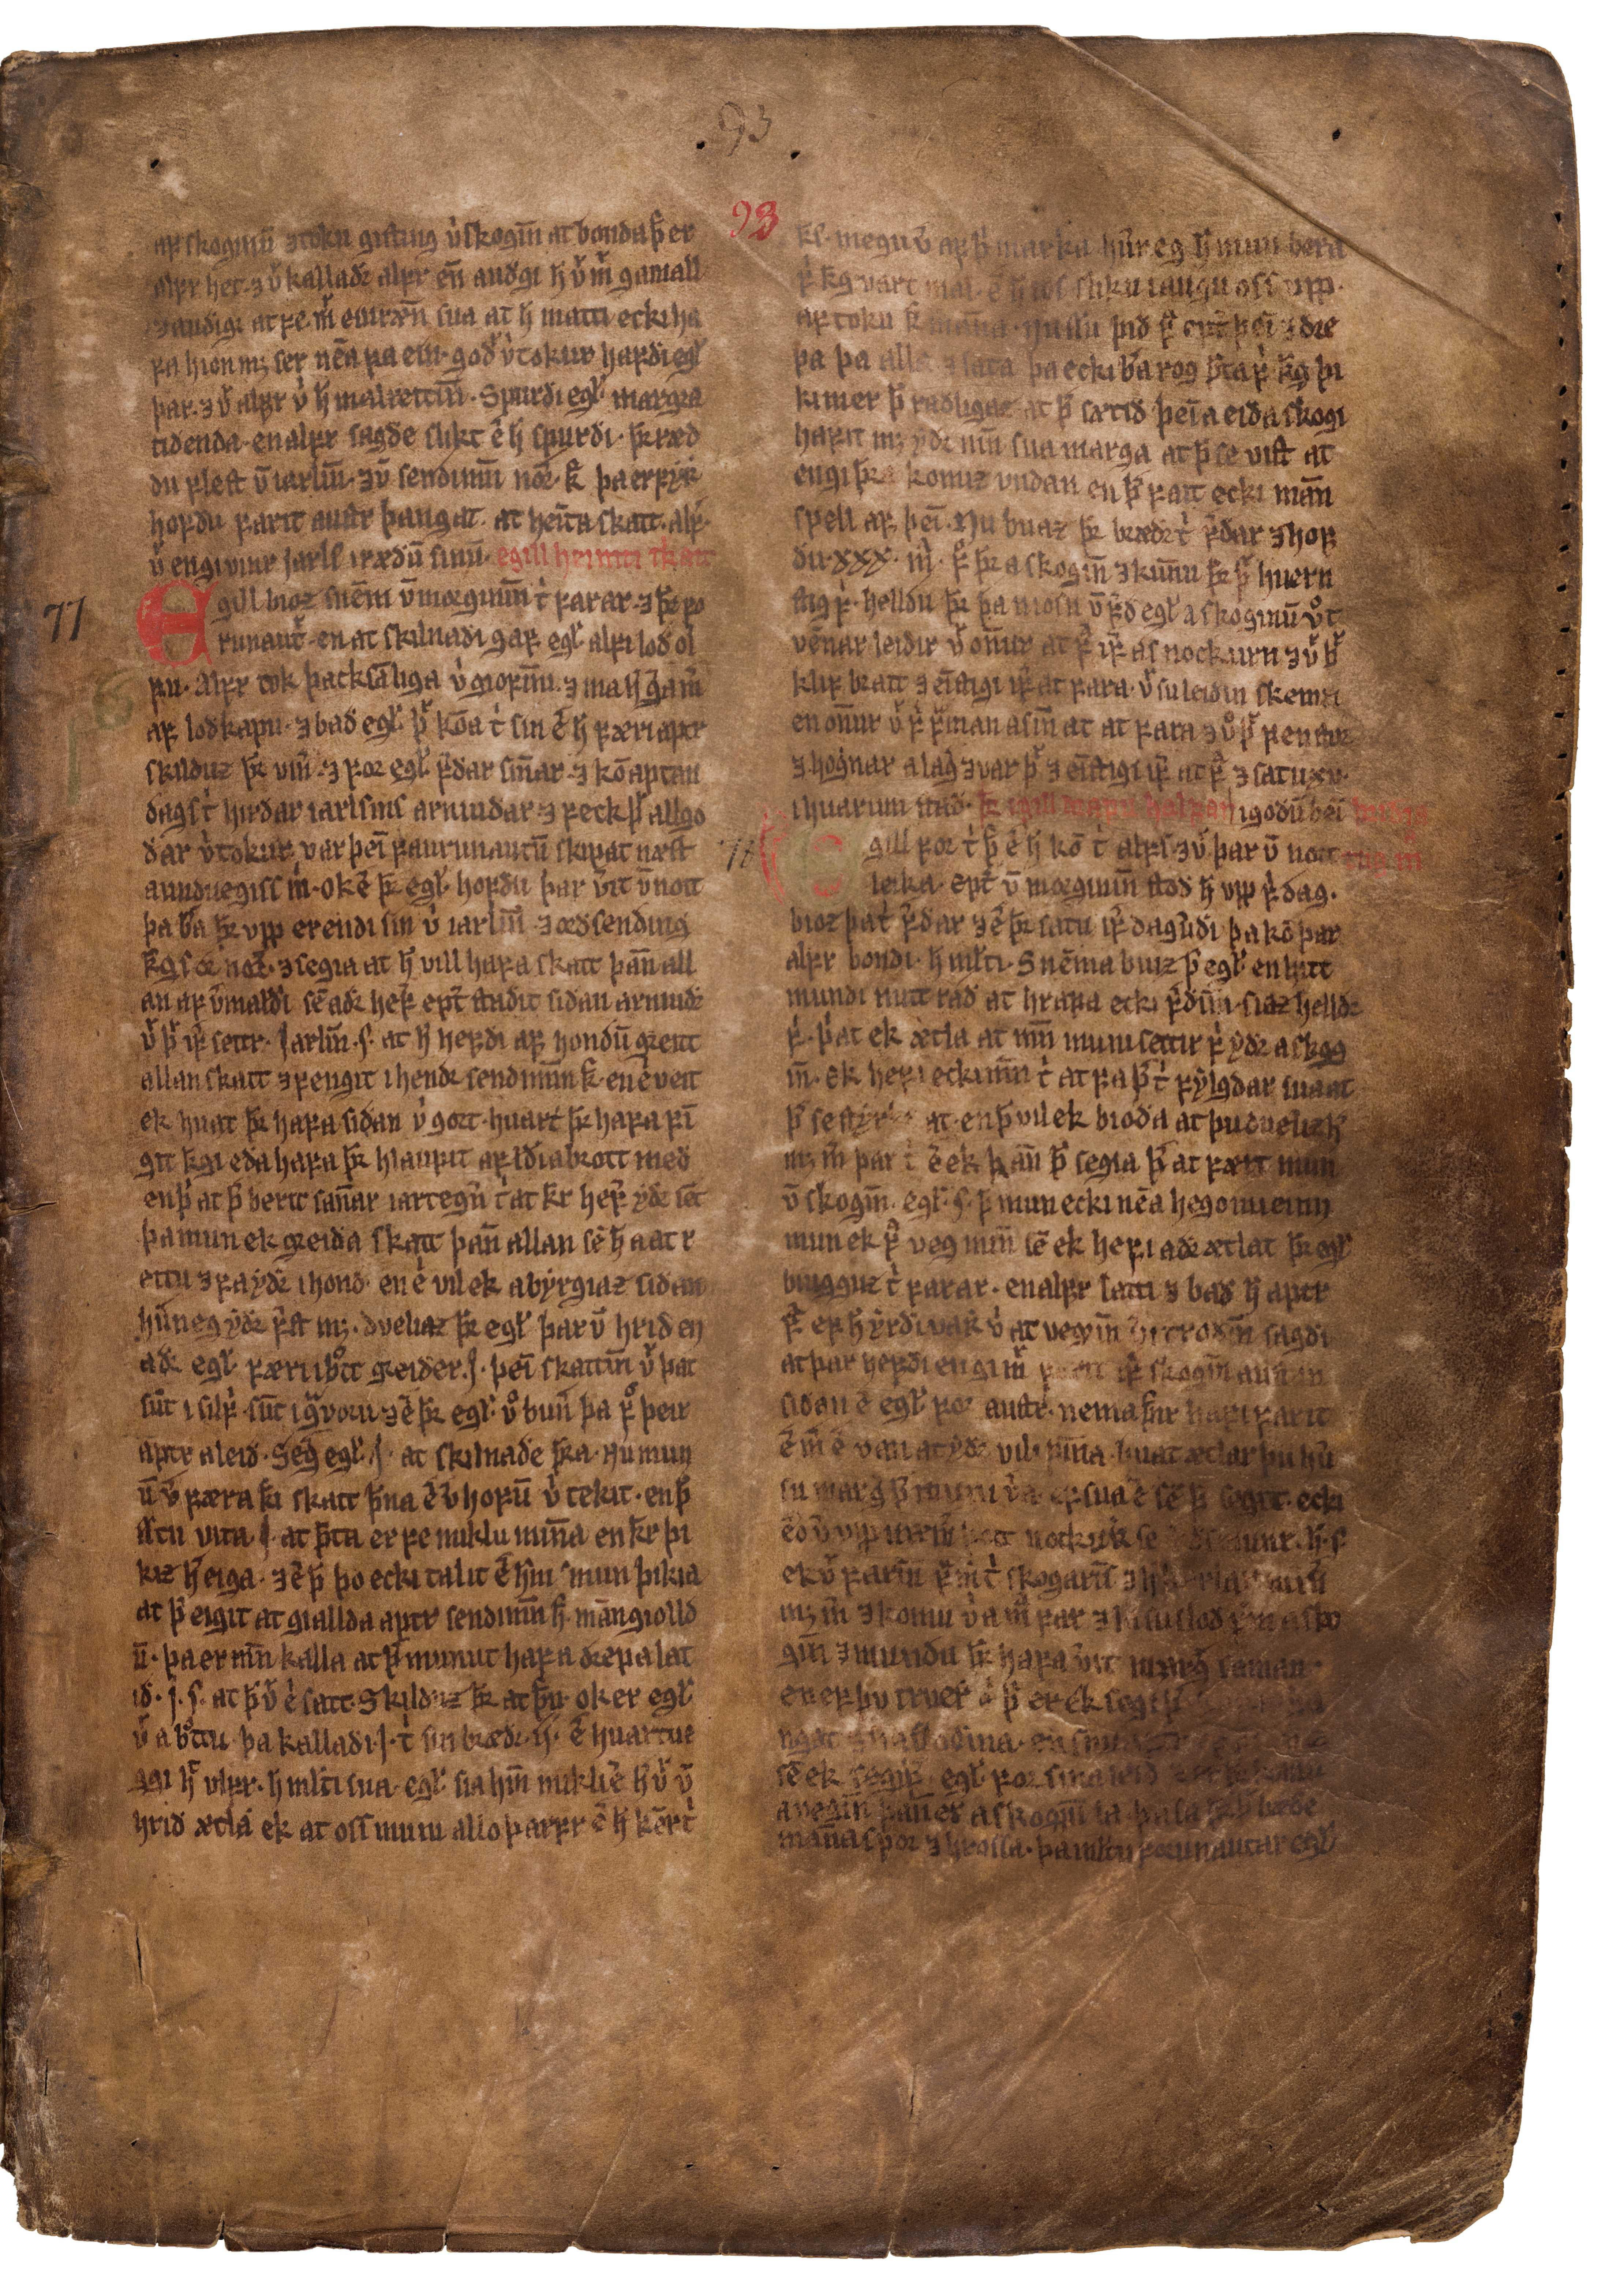 AM 132 fol - 93r